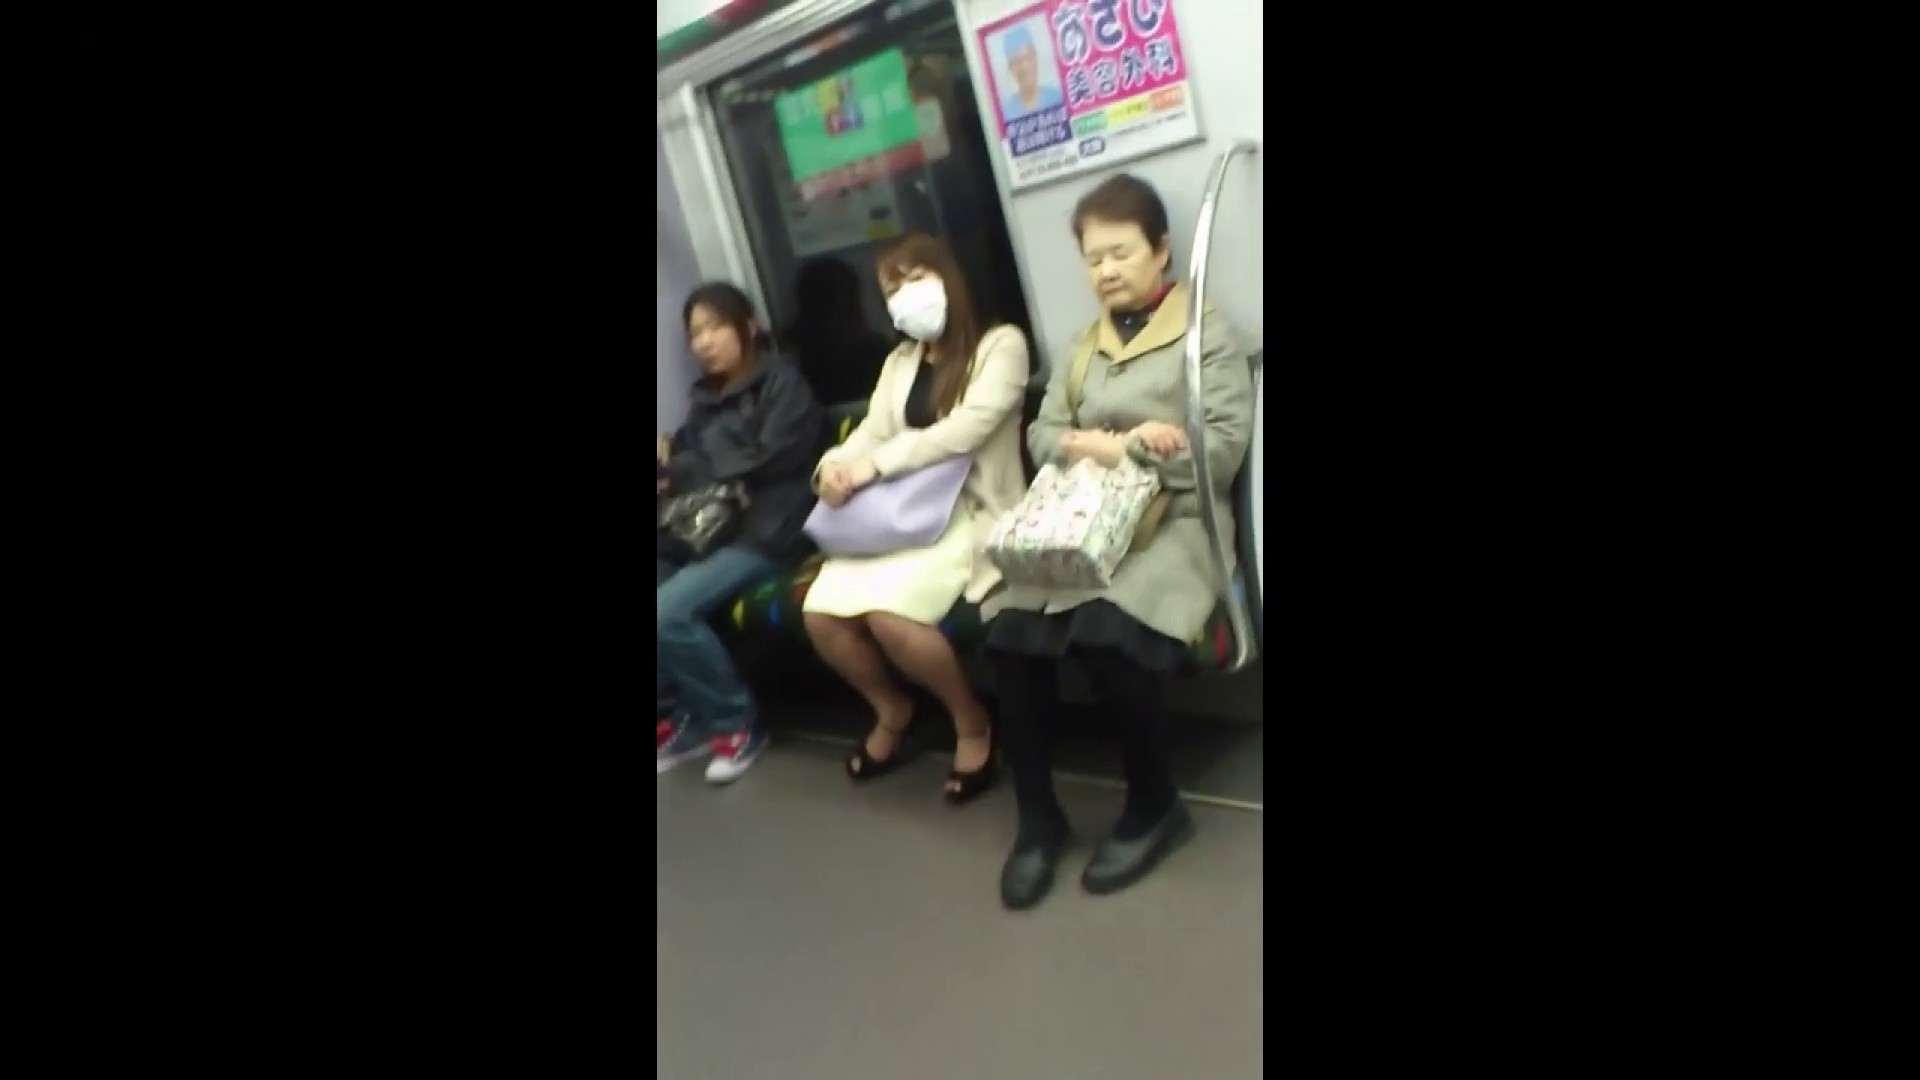 盗撮列車 Vol.55 黄色の爽やかなスカートが大好きです。 盗撮エロすぎ | OL  38連発 22